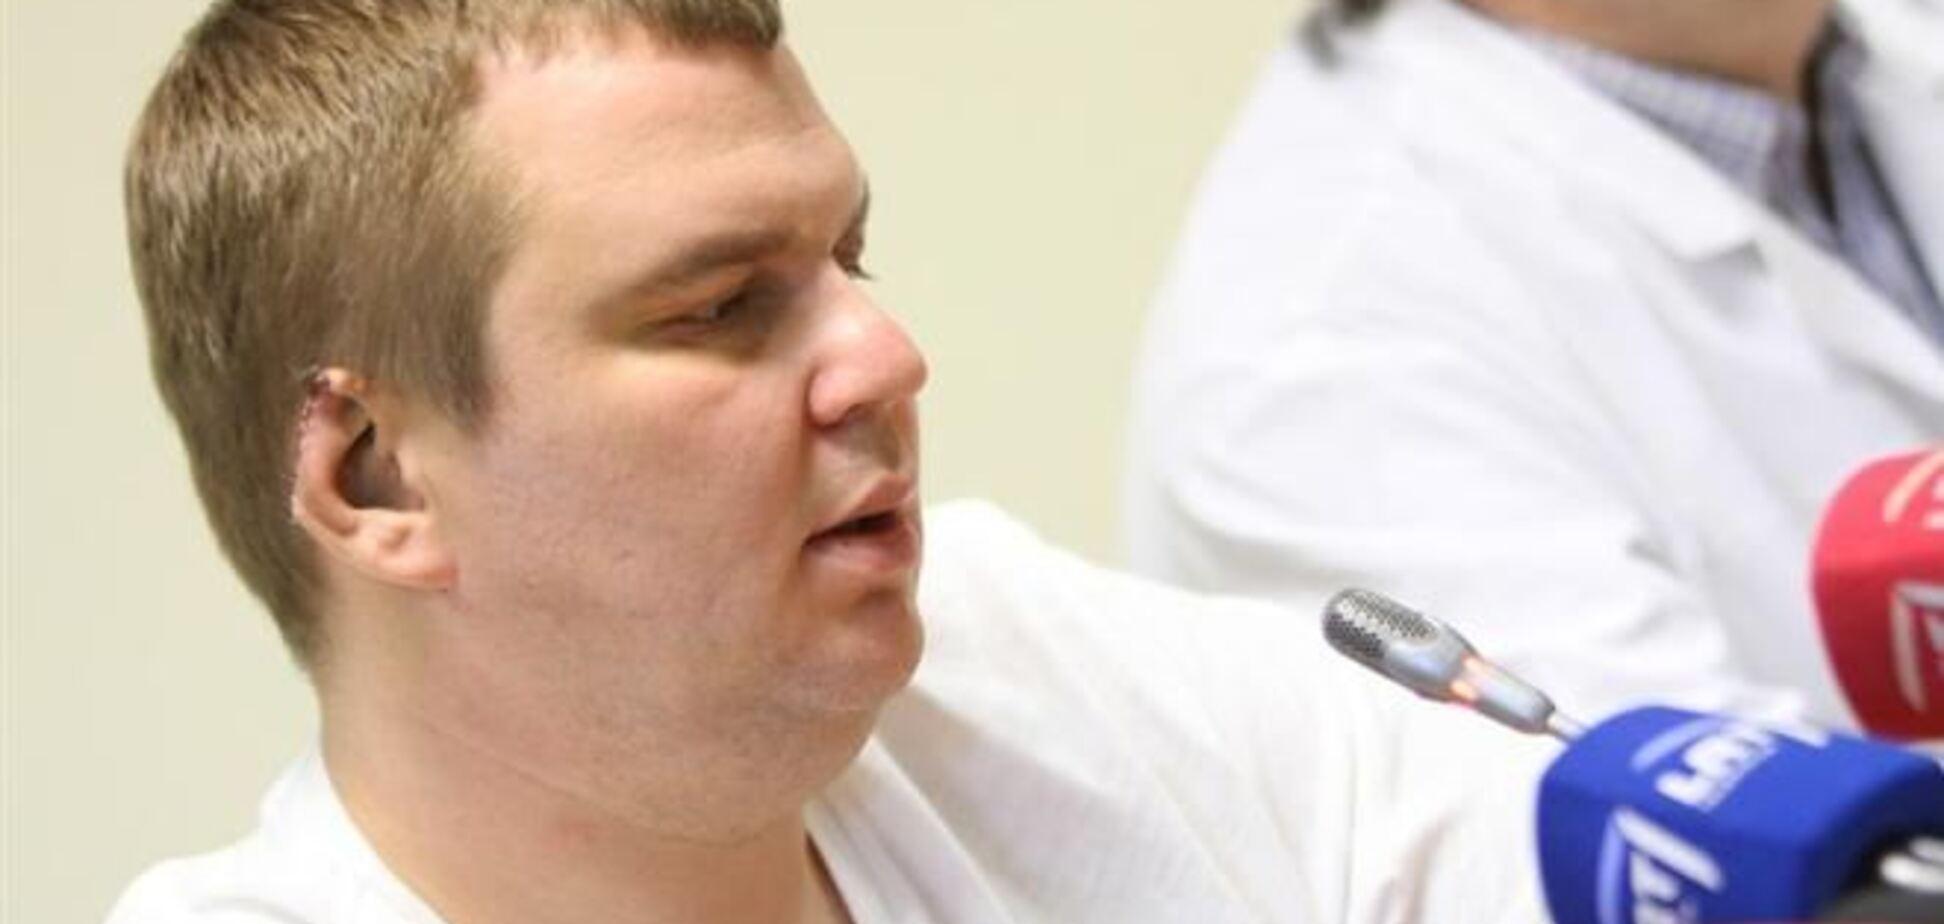 МВД: Булатов расплачивался карточкой с 'майдановскими' пожертвованиями